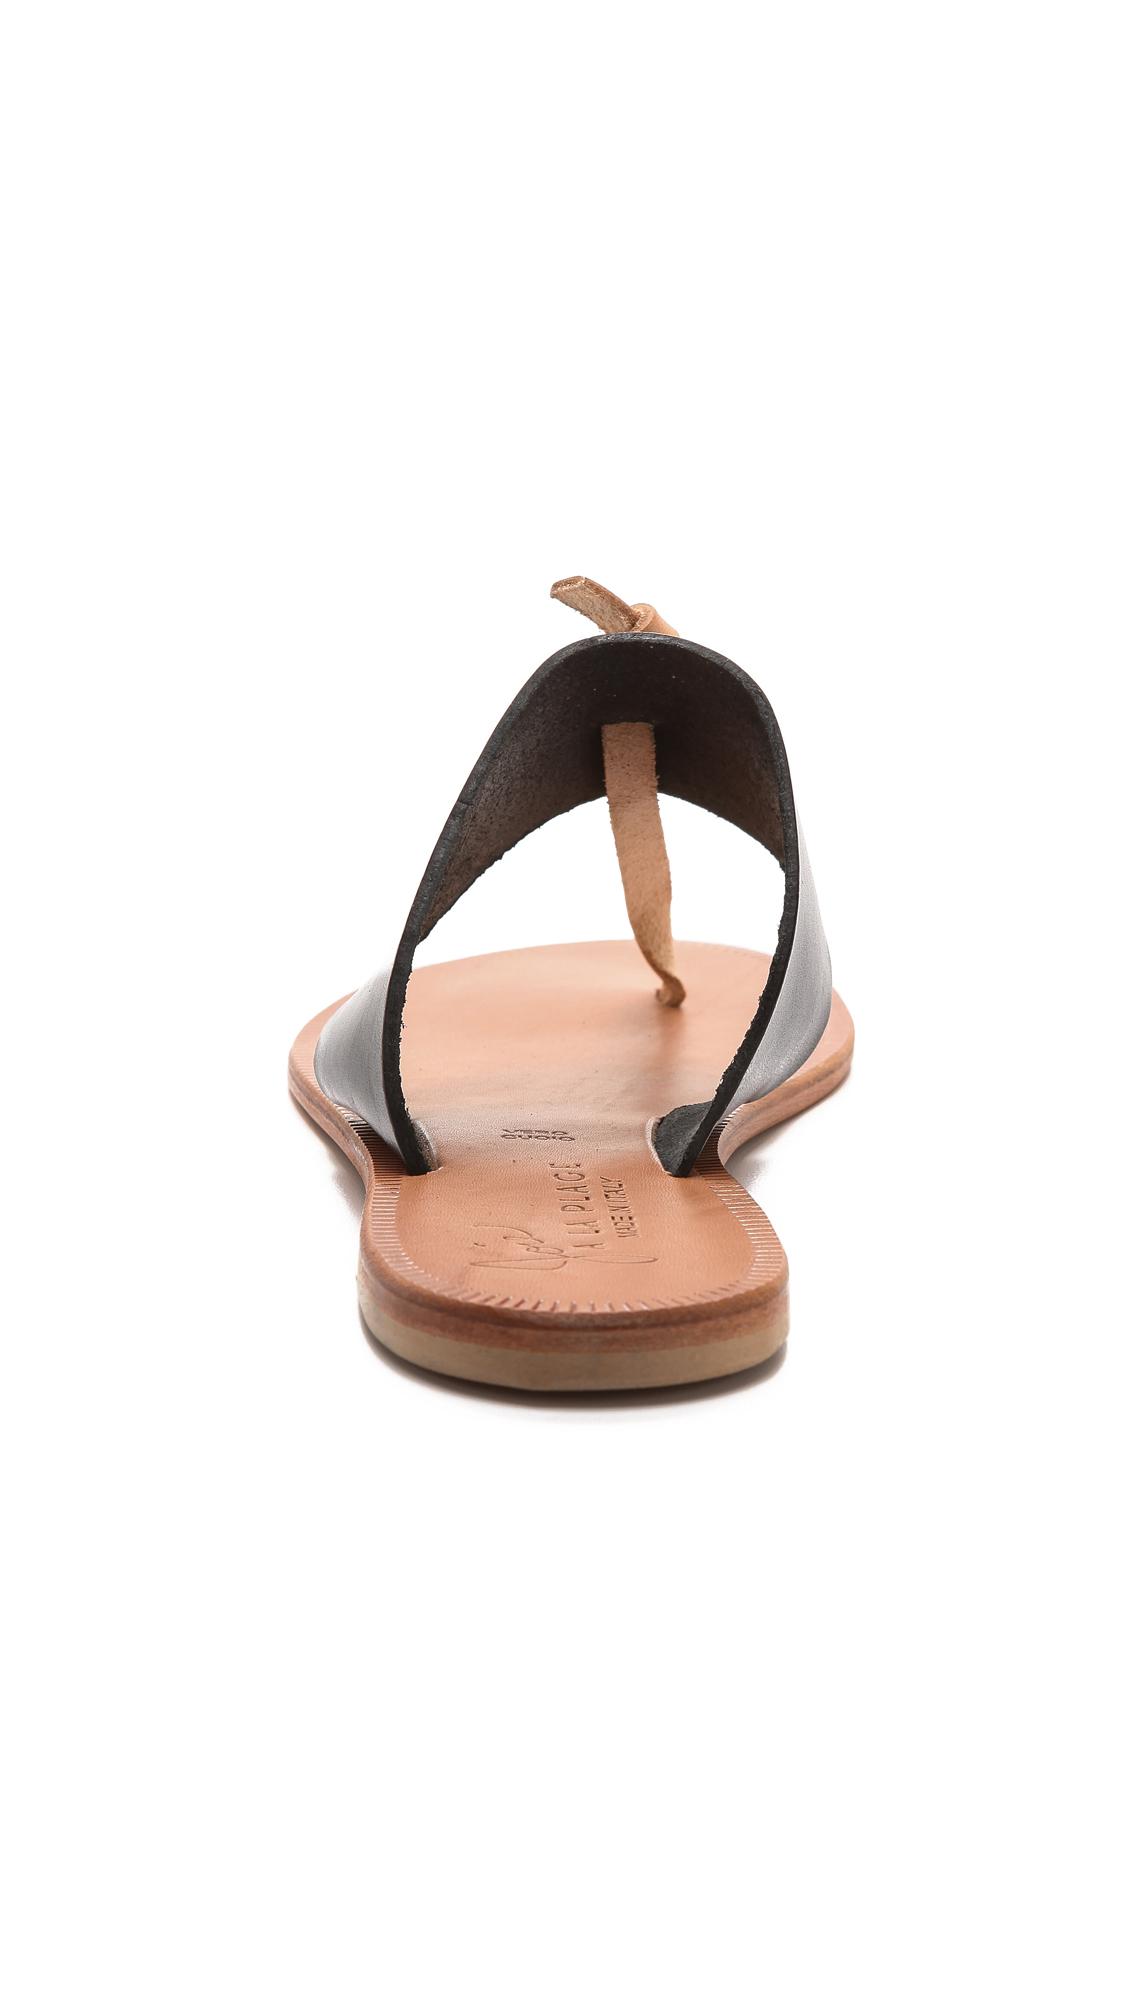 d711812c5223 Joie A la Plage Nice Thong Sandals